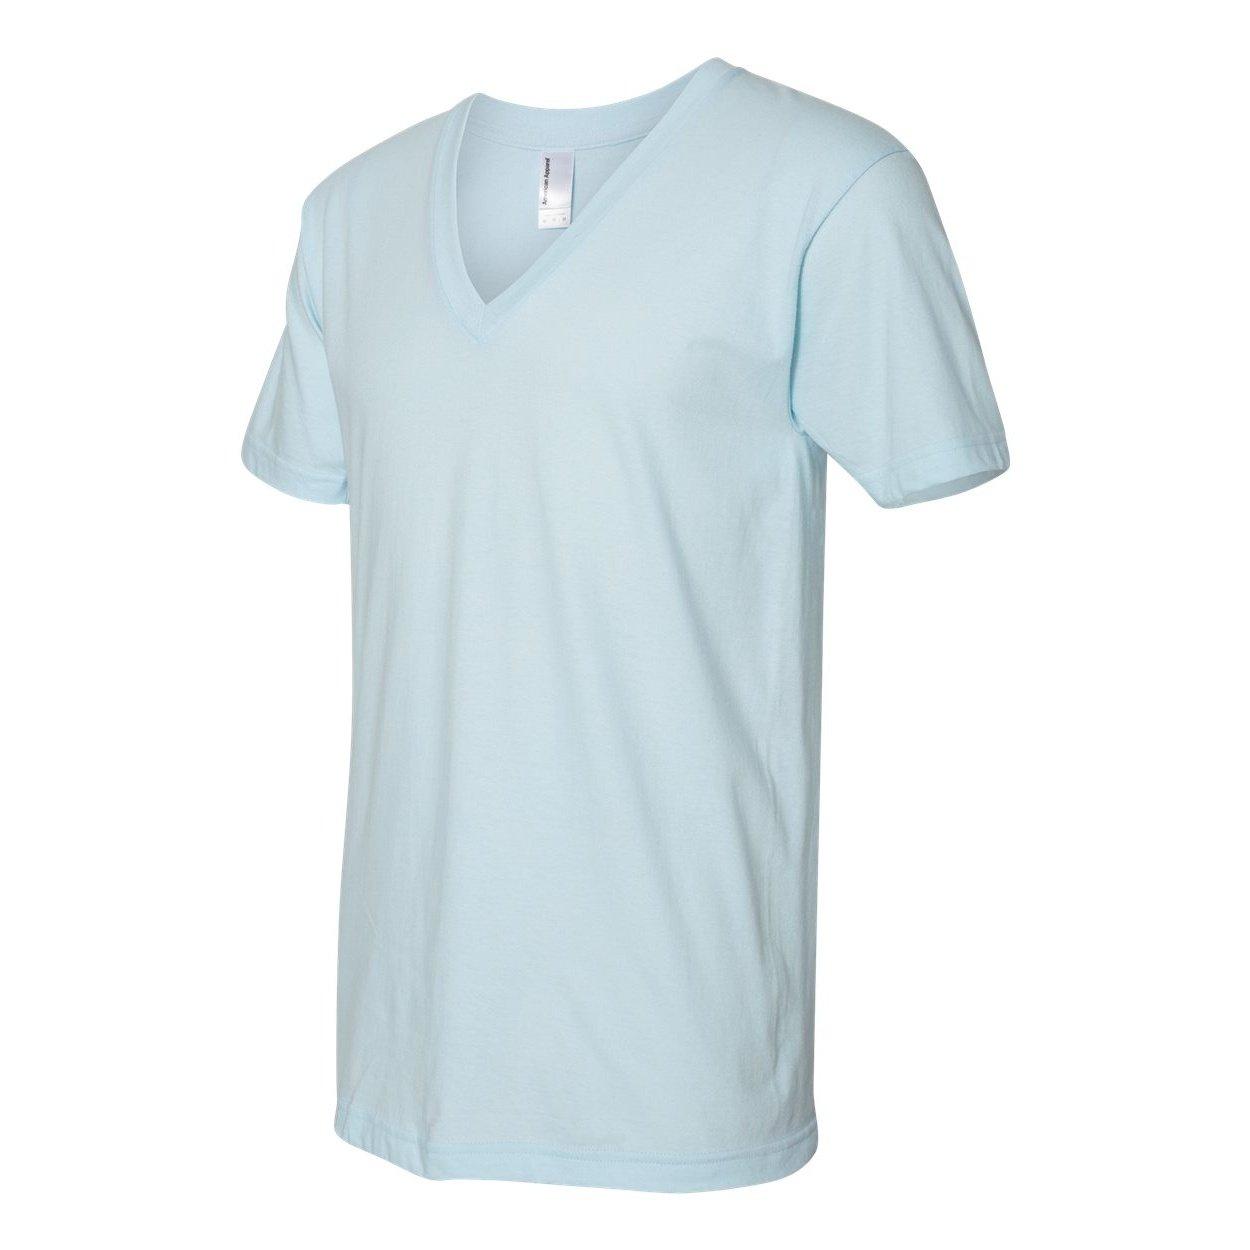 American Apparel Camiseta de Jersey Fino con Cuello en V